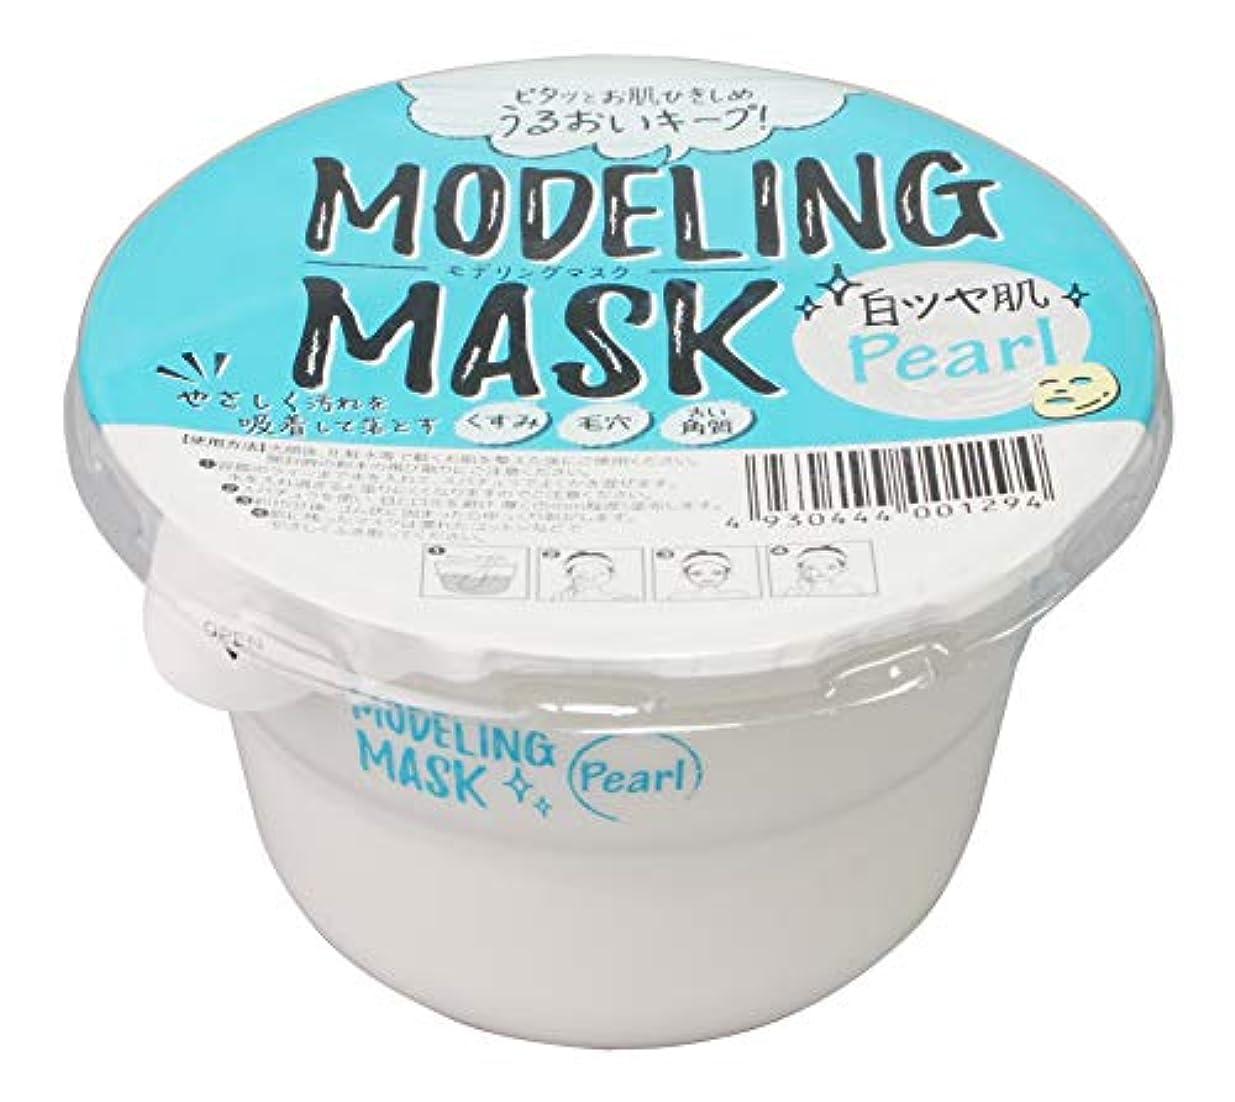 影響力のある構造的封建ダイト モデリングマスク Pearl (28g)